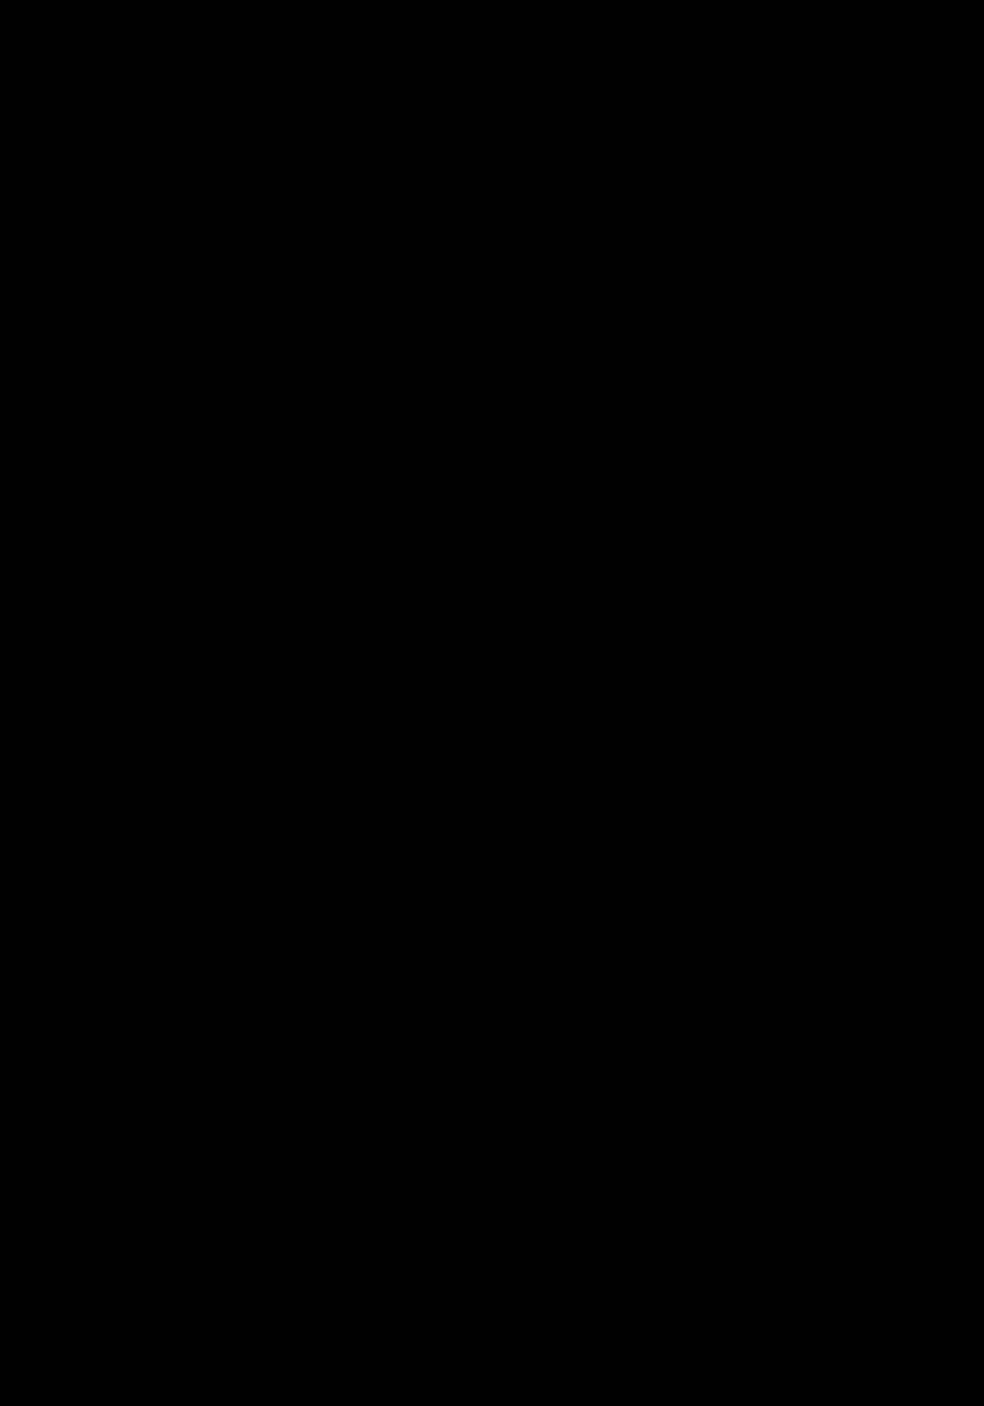 艶 B 大かな BTU-KL 縦組見本